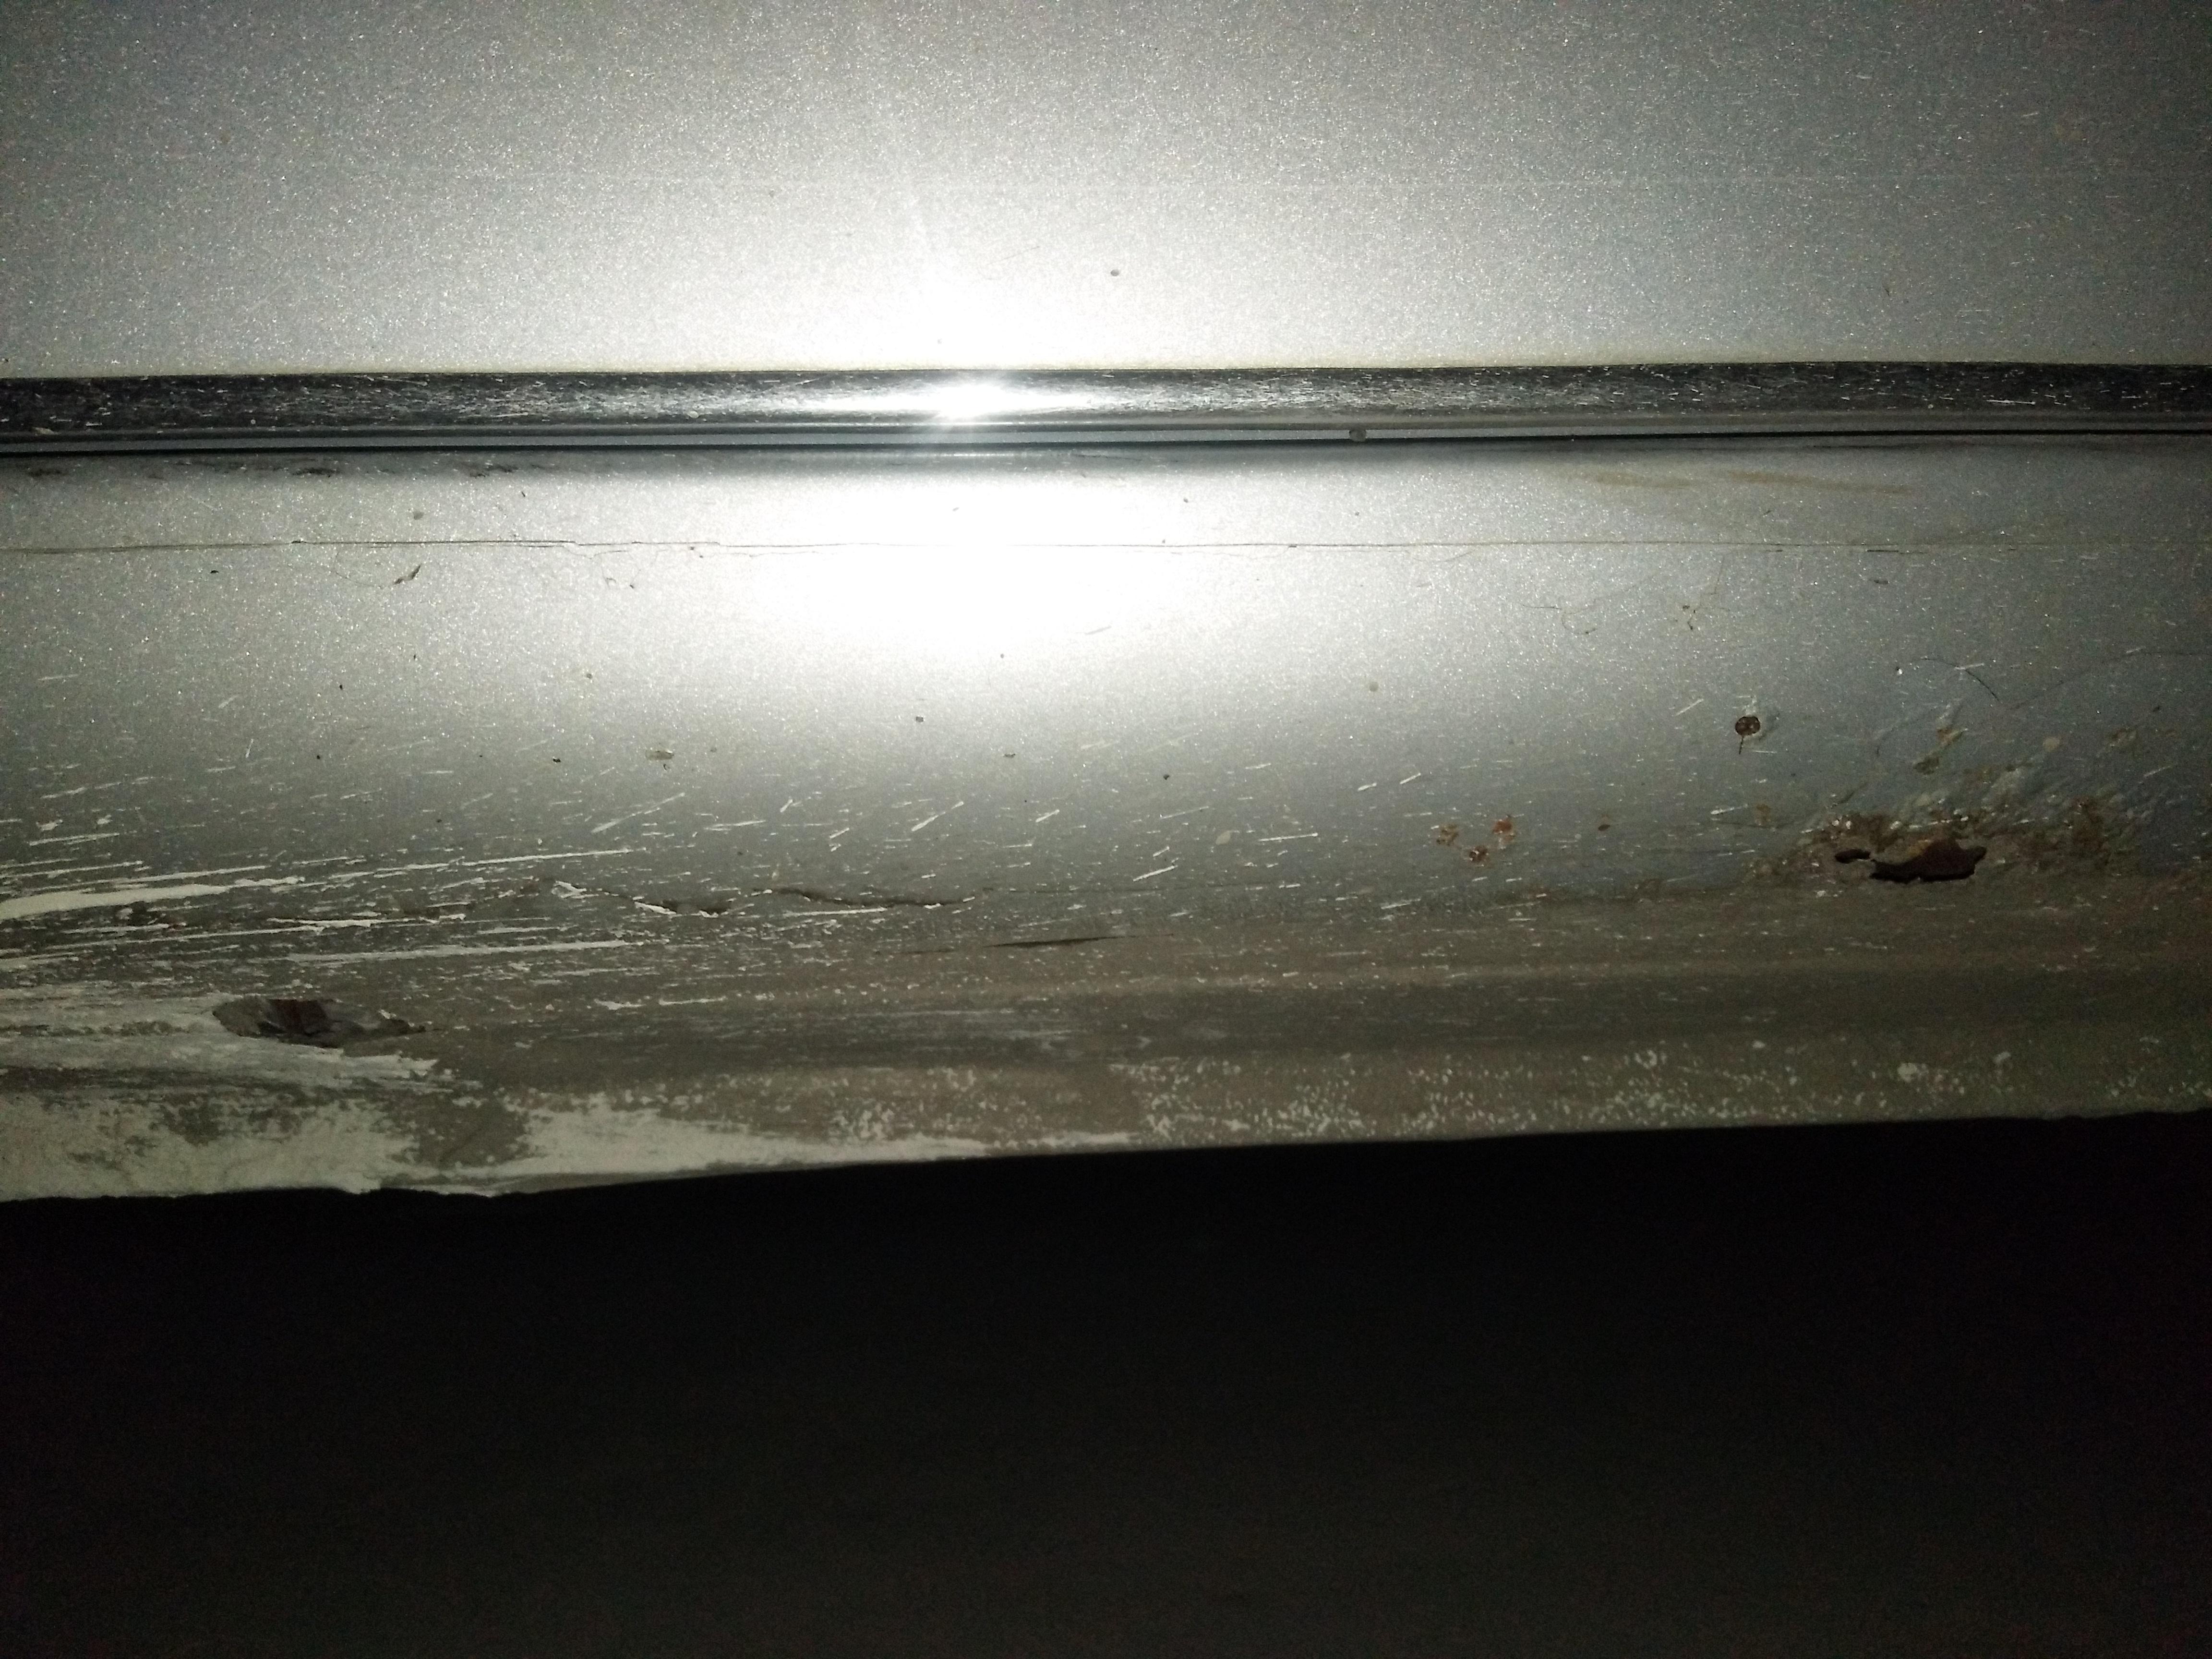 海马郑州-海马M3 车身门槛下面腐蚀严重,车身门槛下面生锈